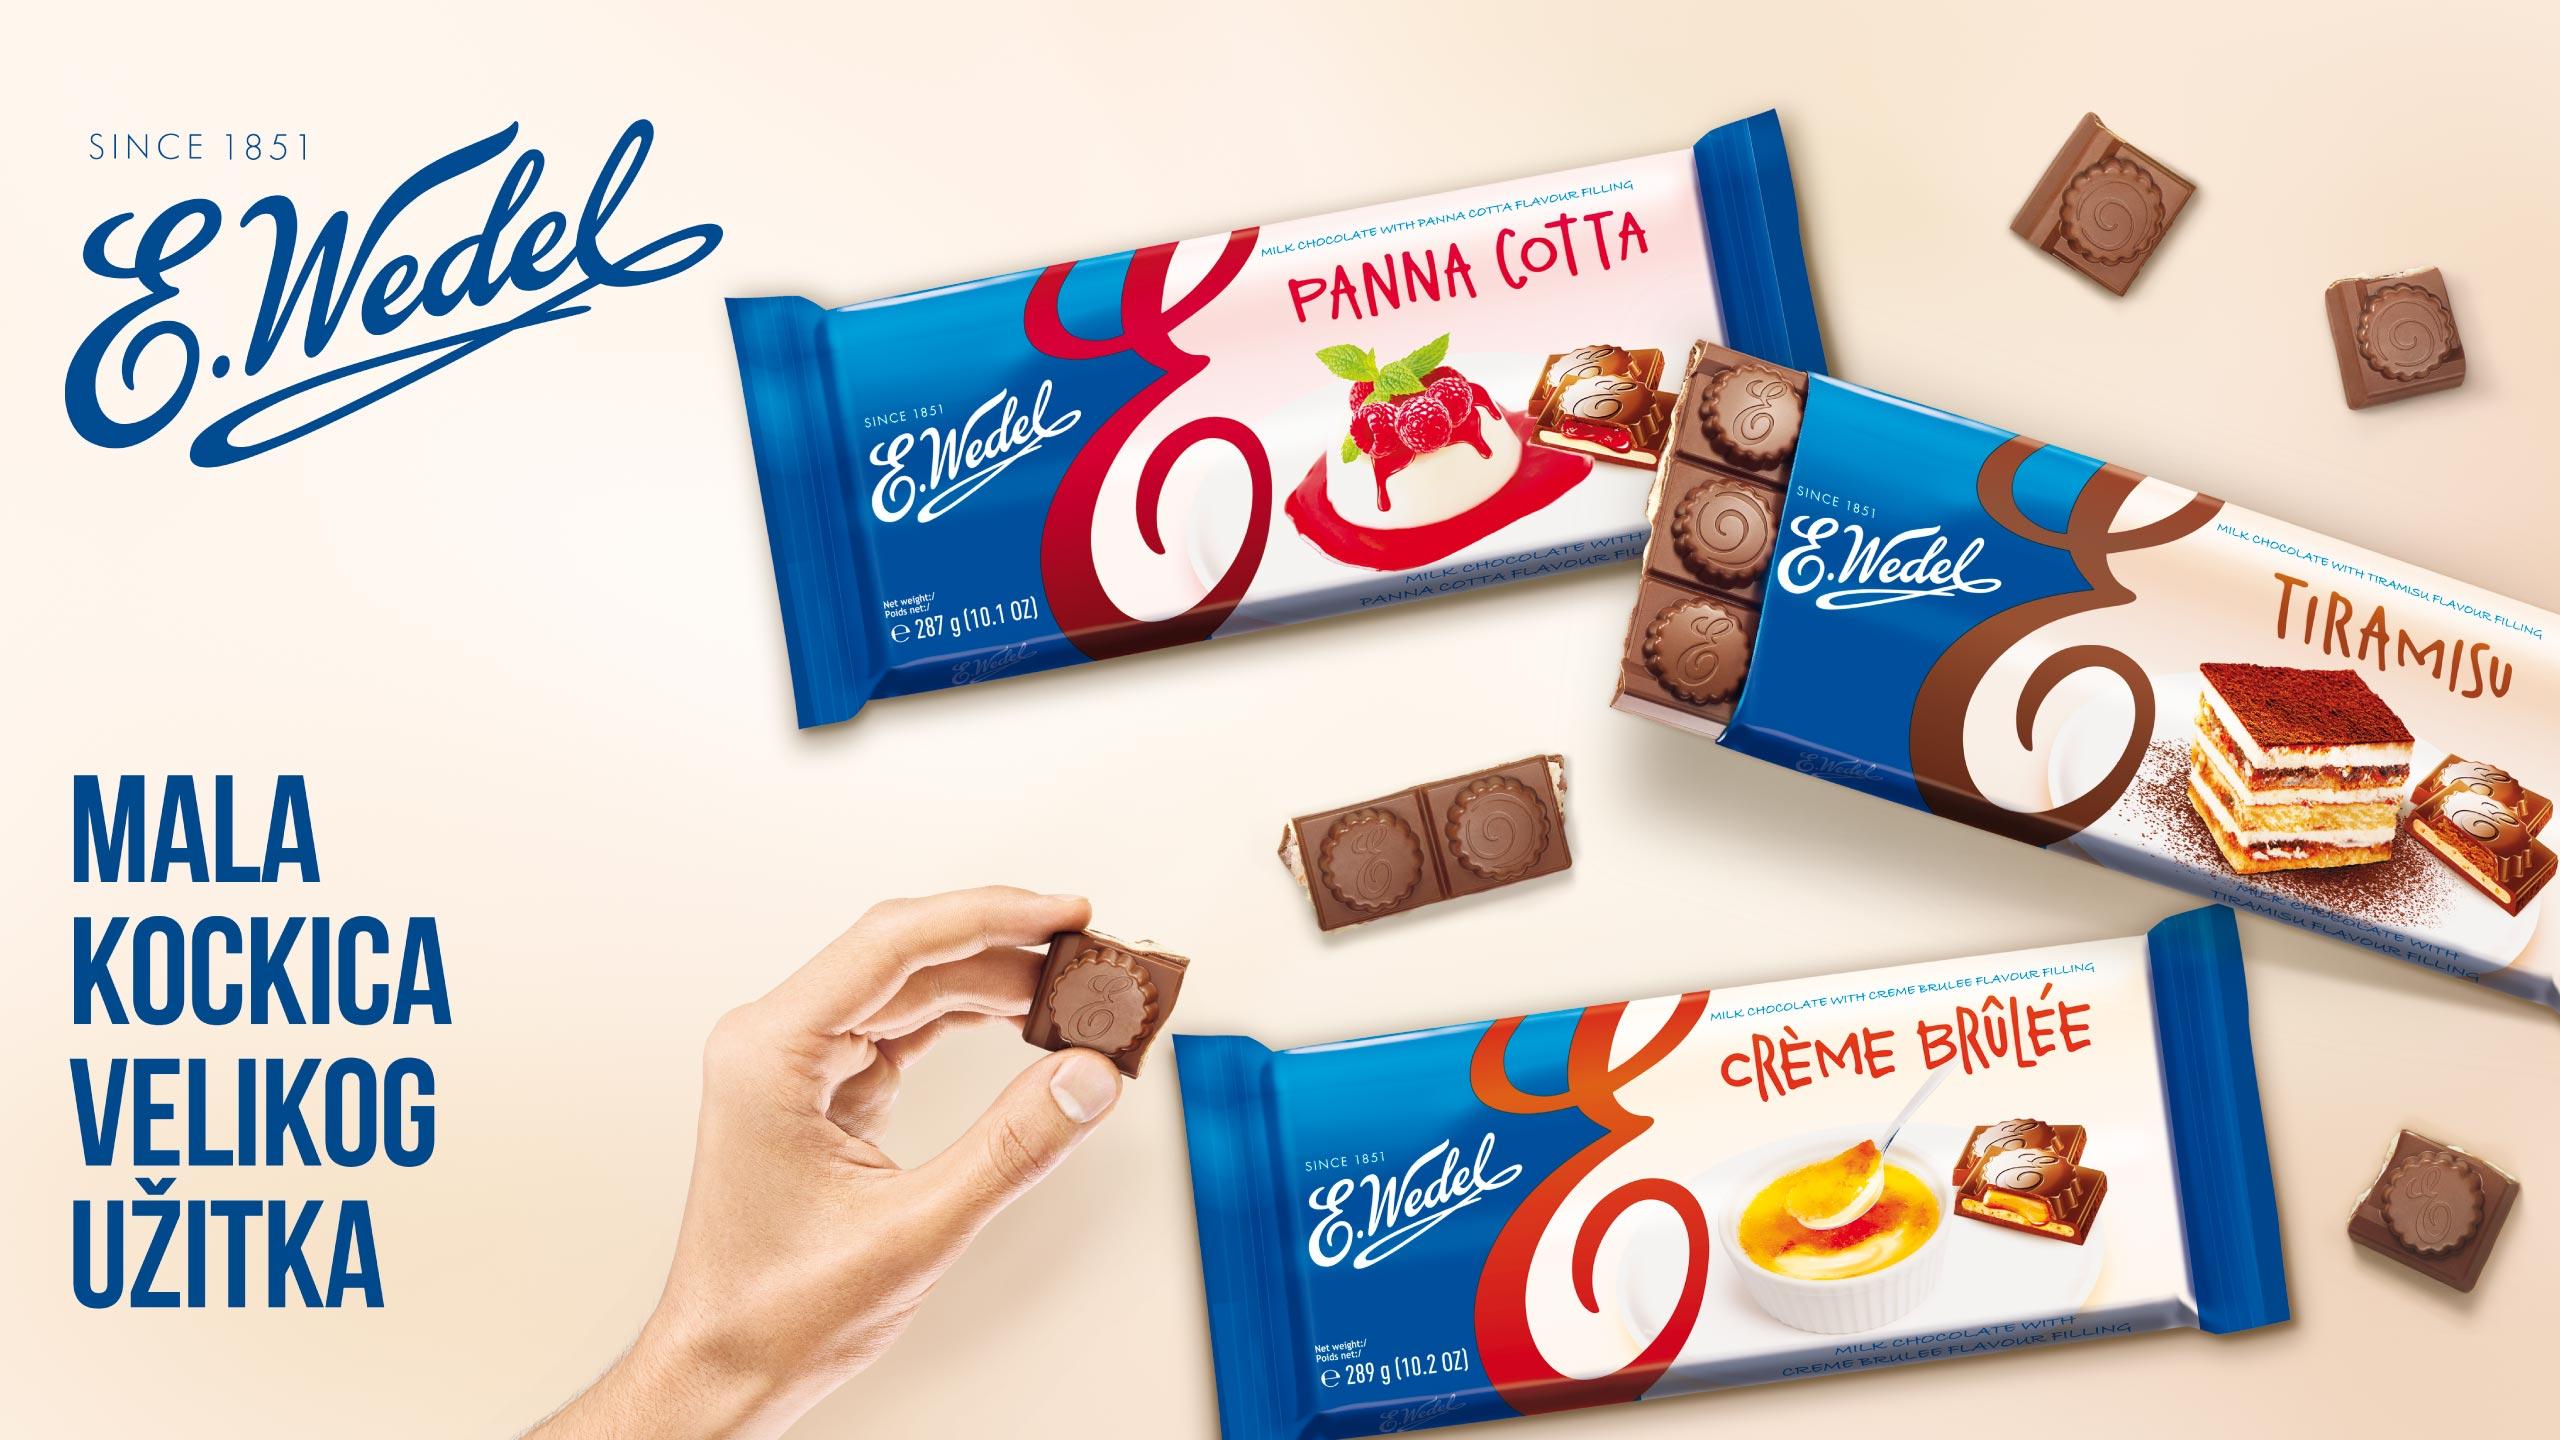 E. Wedel čokolada | Agencija AQUARIUS | Banja Luka